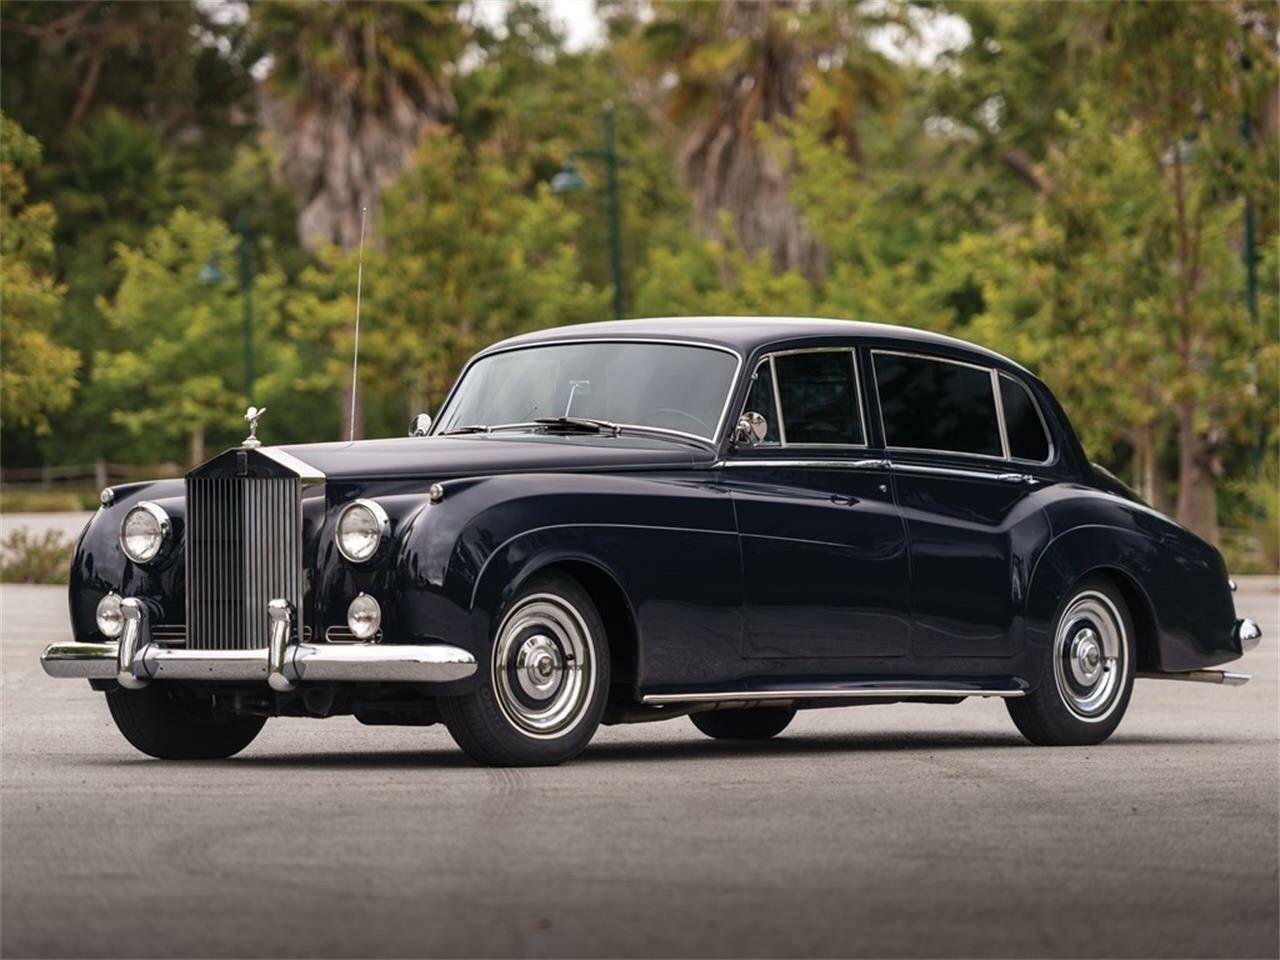 1961 Rolls Royce Silver Cloud Ii Long Wheelbase Saloon Avtomobili